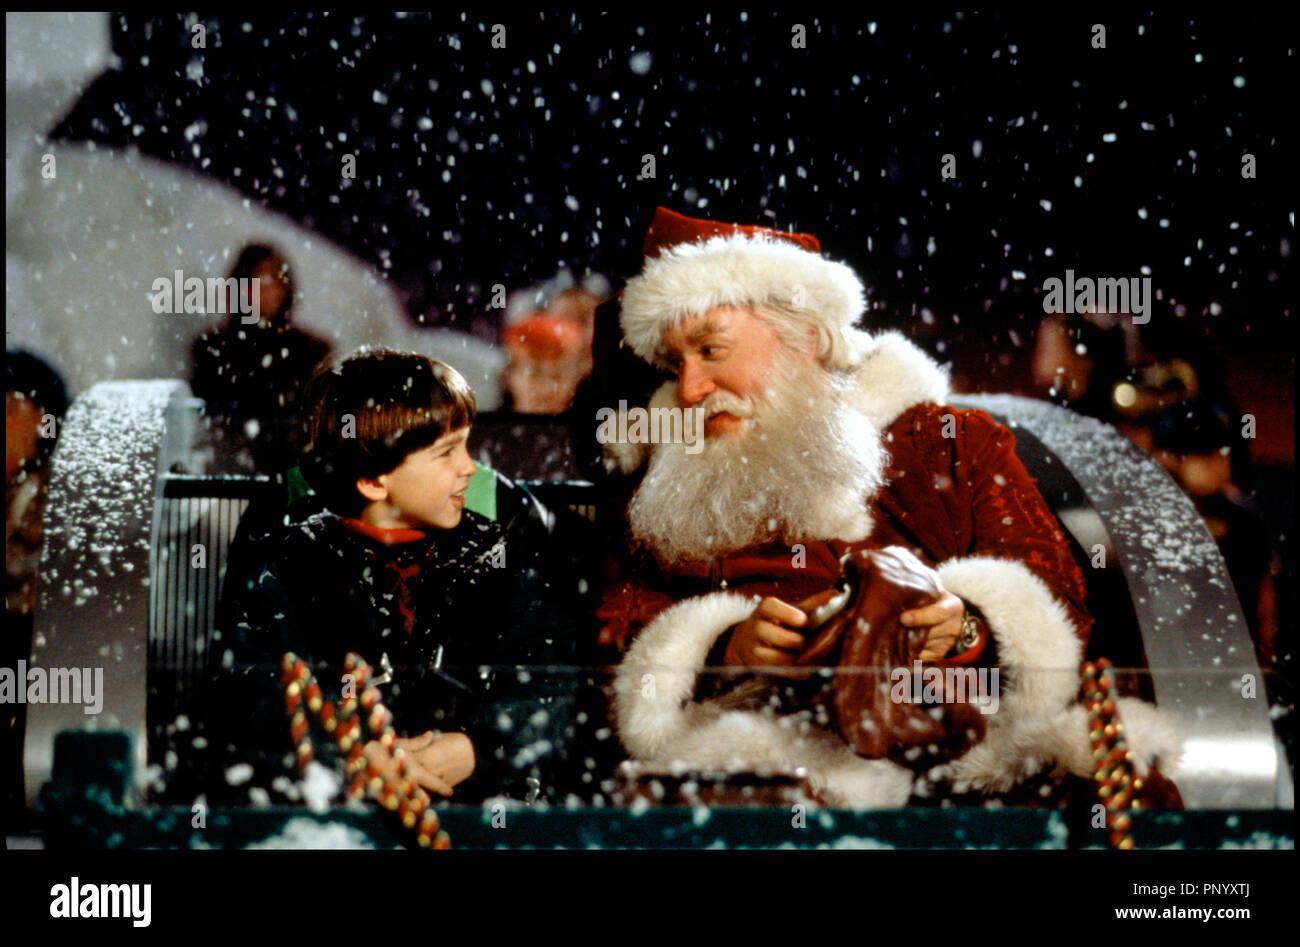 Image De Noel Walt Disney.Prod Db A C Walt Disney Dr Super Noel The Santa Clause De